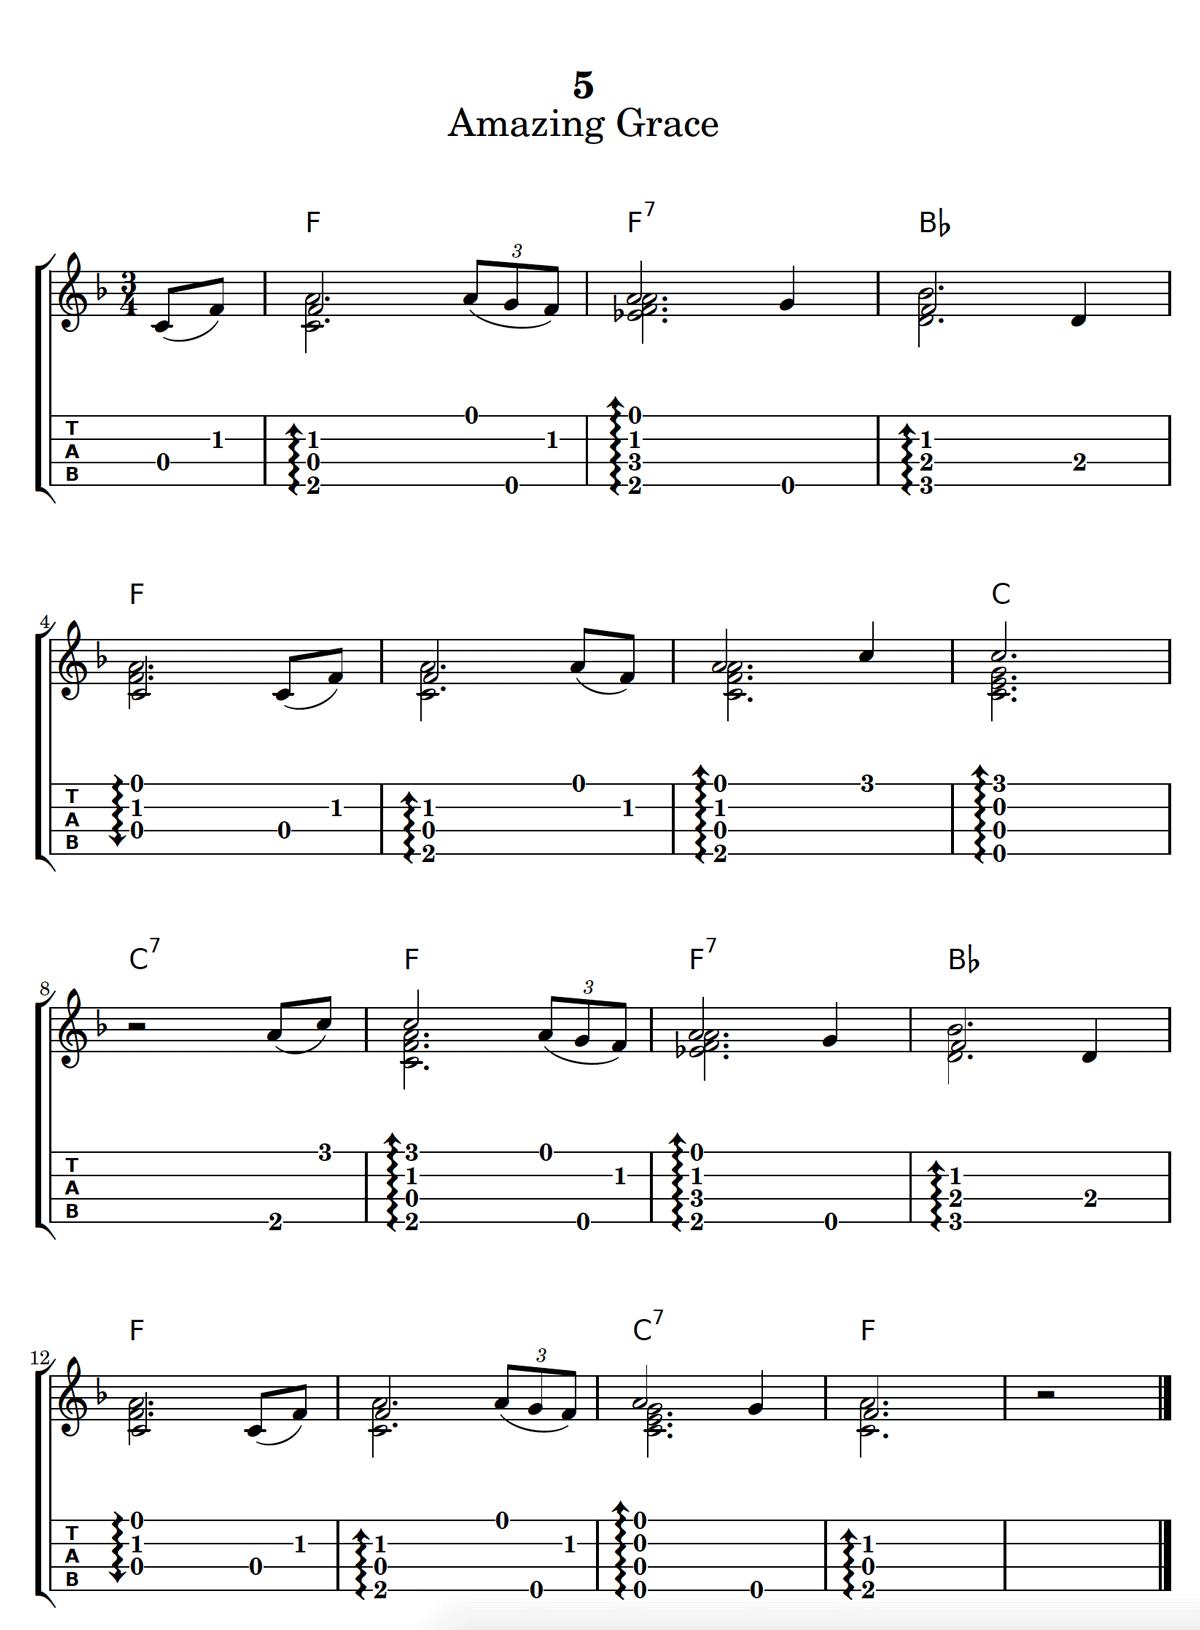 Amazing Grace Chord Melody Ukulele Tab